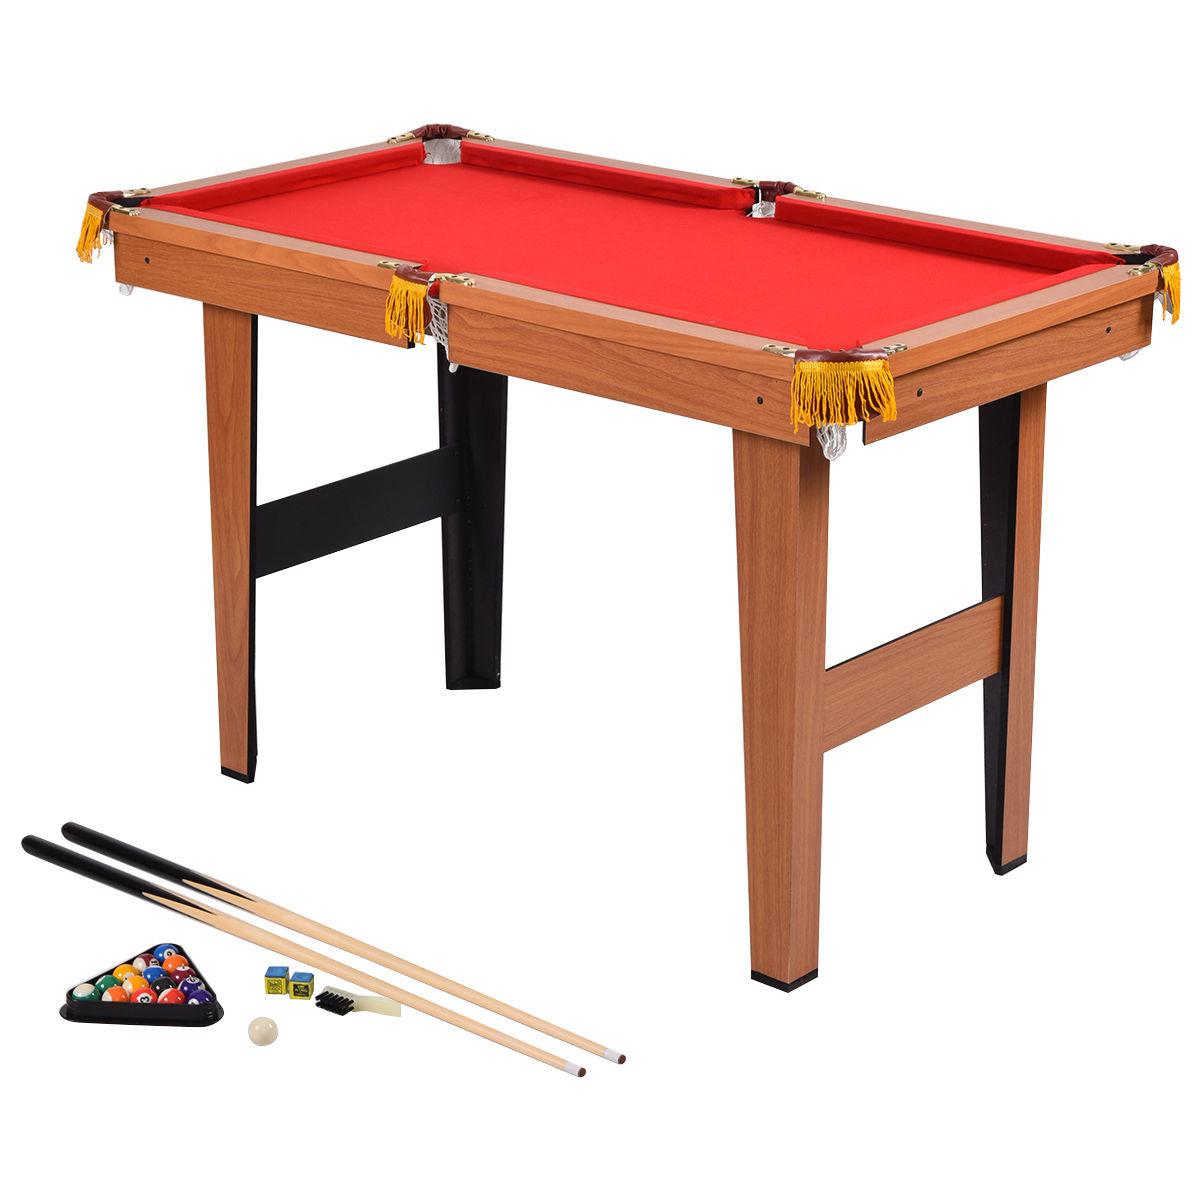 """Costway 48"""" Mini Table Top Pool Table Game Billiard Set - $90.95 + Free Shipping"""